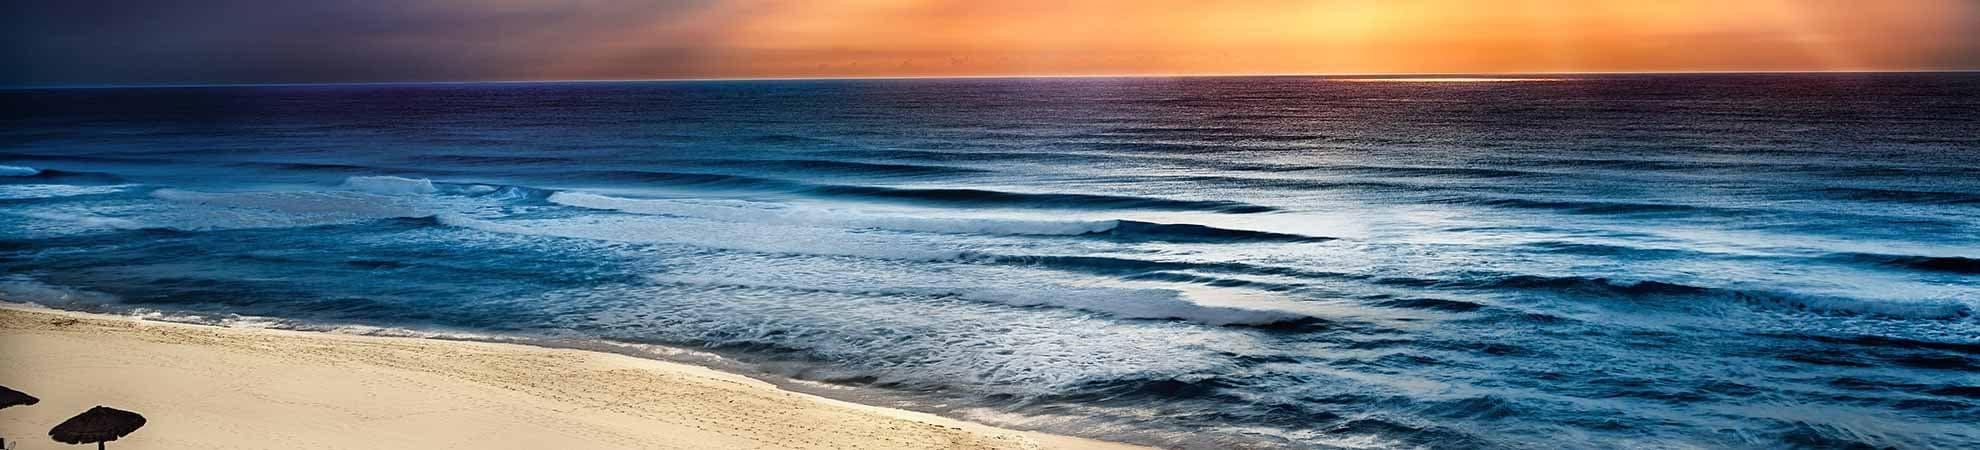 Soleil et sable blanc